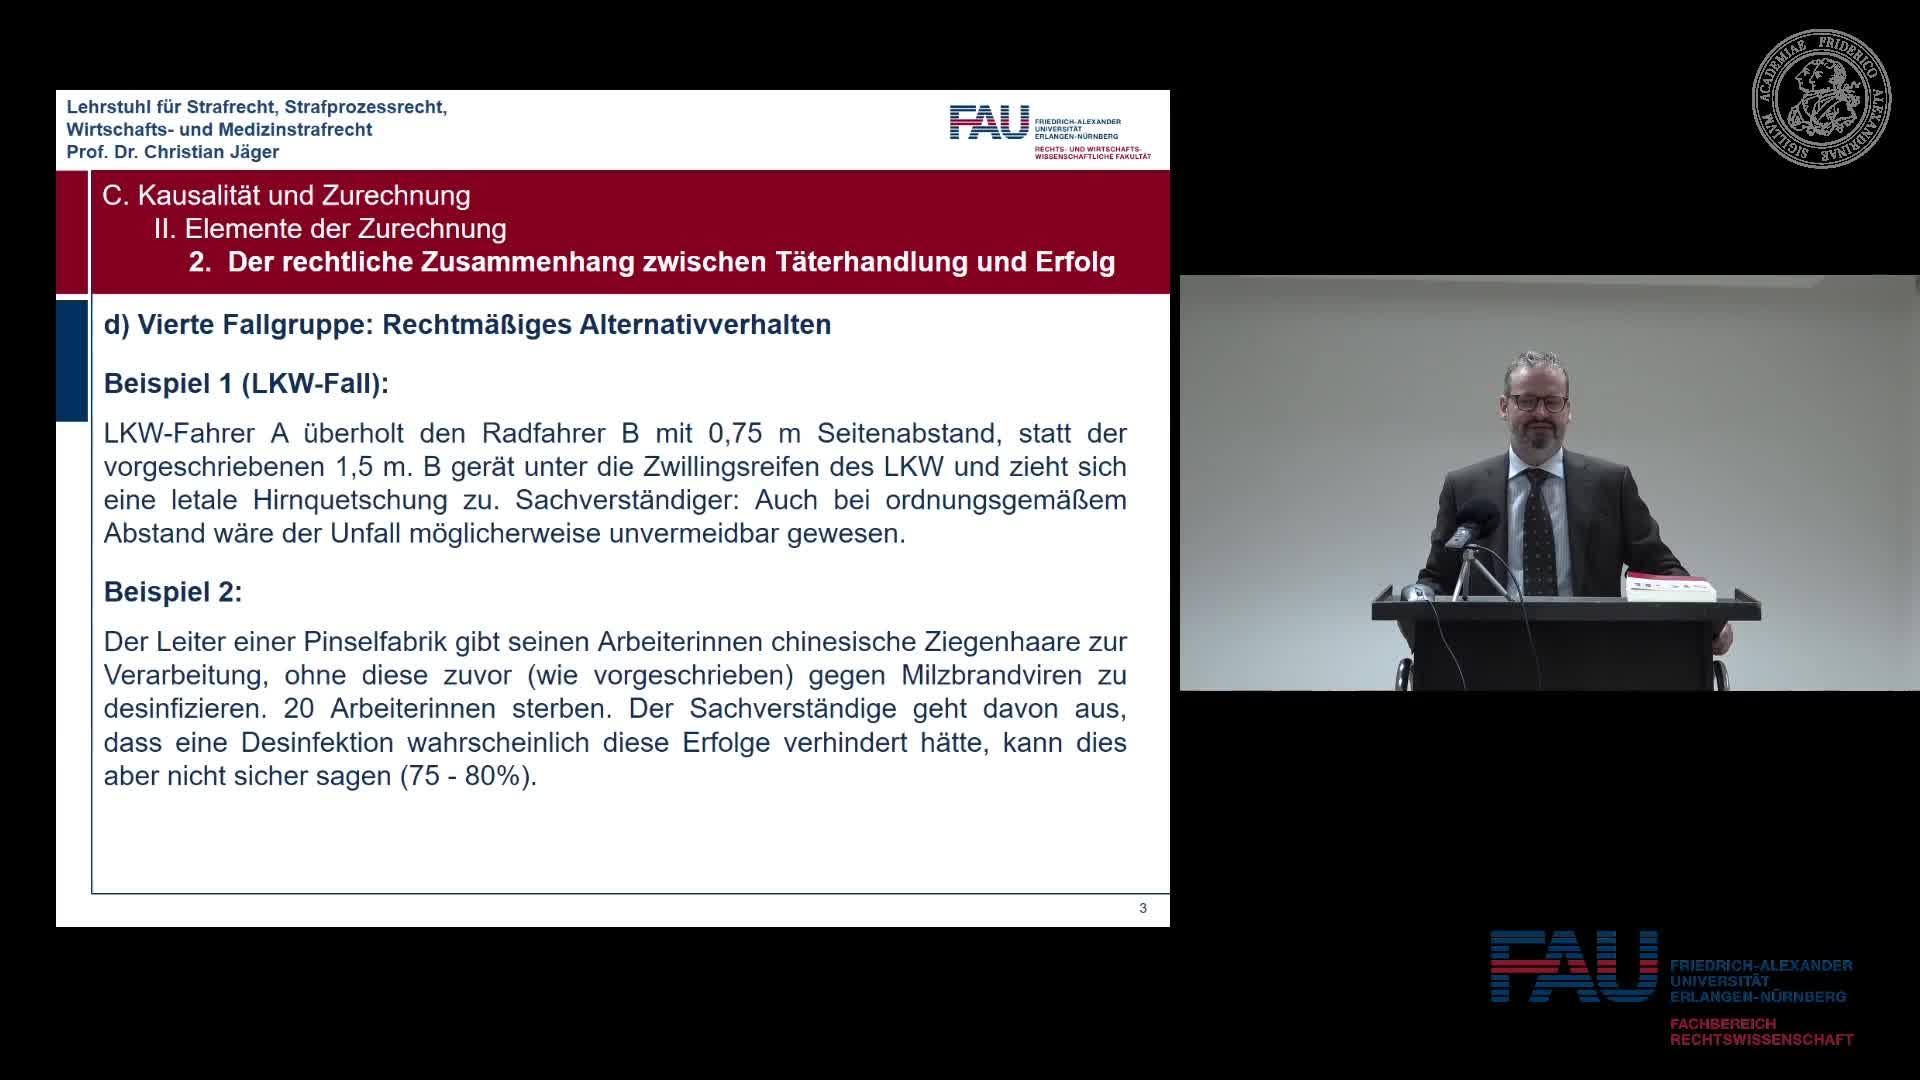 Grundkurs Strafrecht I - Einheit 8 preview image